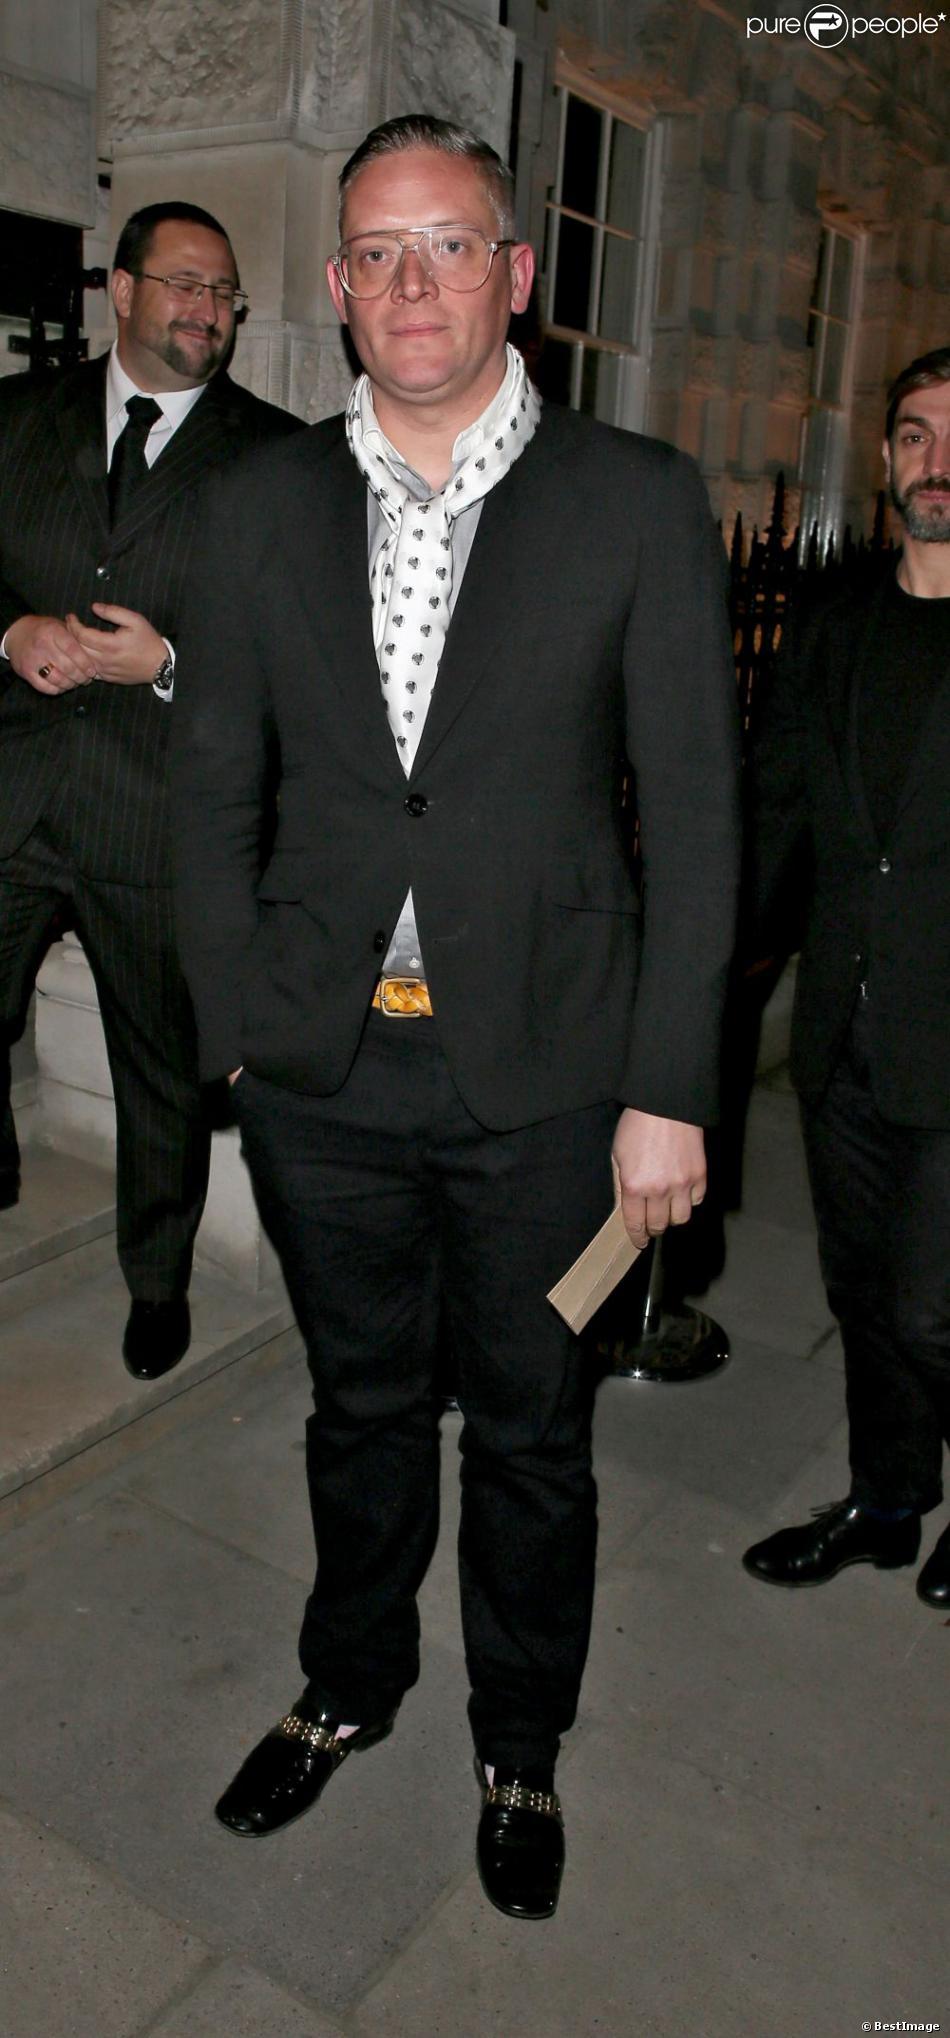 Le créateur Giles Deacon arrive à la maison Christie's pour assister la vente aux enchères de la Designer Pudsey 2012 collection au profit du programme Children in Need de la BBC. Son nounours, couvert de cristaux Swarovski, attisait le plus de convoitise et trouvait acquéreur pour 24 000 livres, environ 30 000 euros. Londres, le 15 novembre 2012.